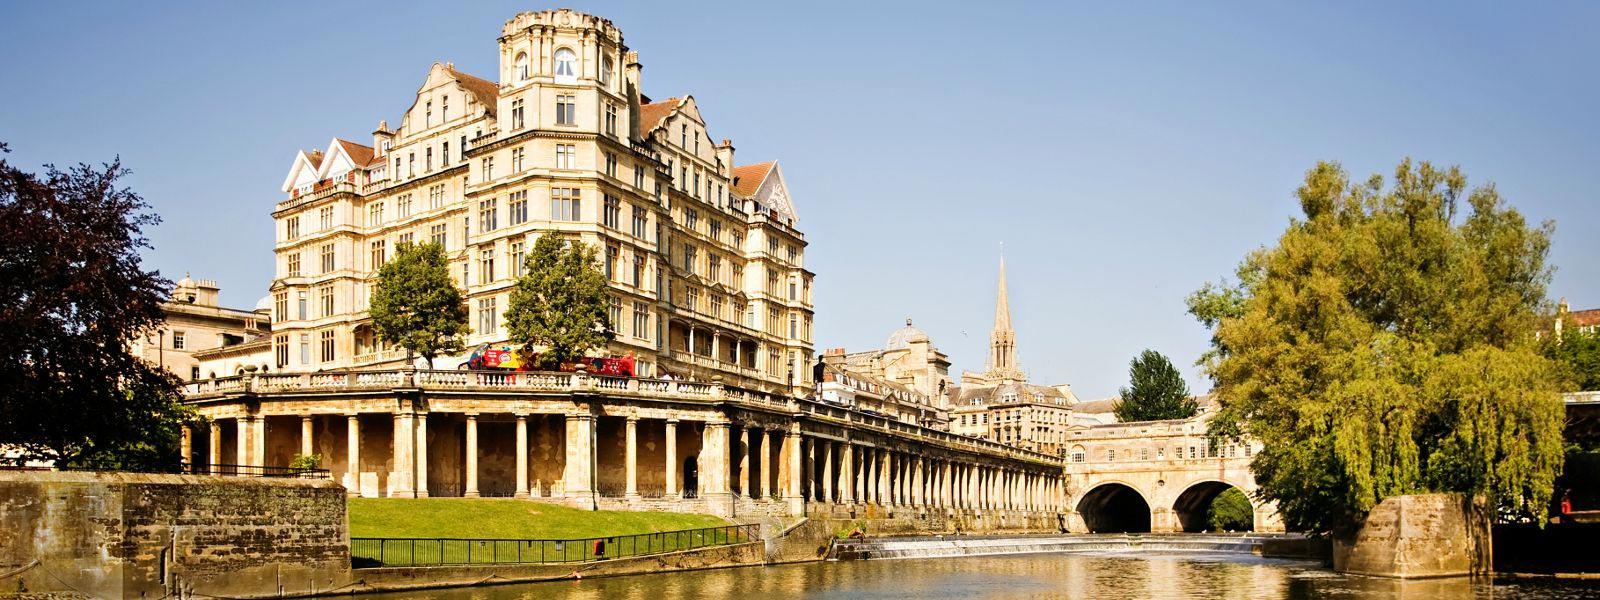 Cheap plane, train, coach and bus tickets to Bath | GoEuro